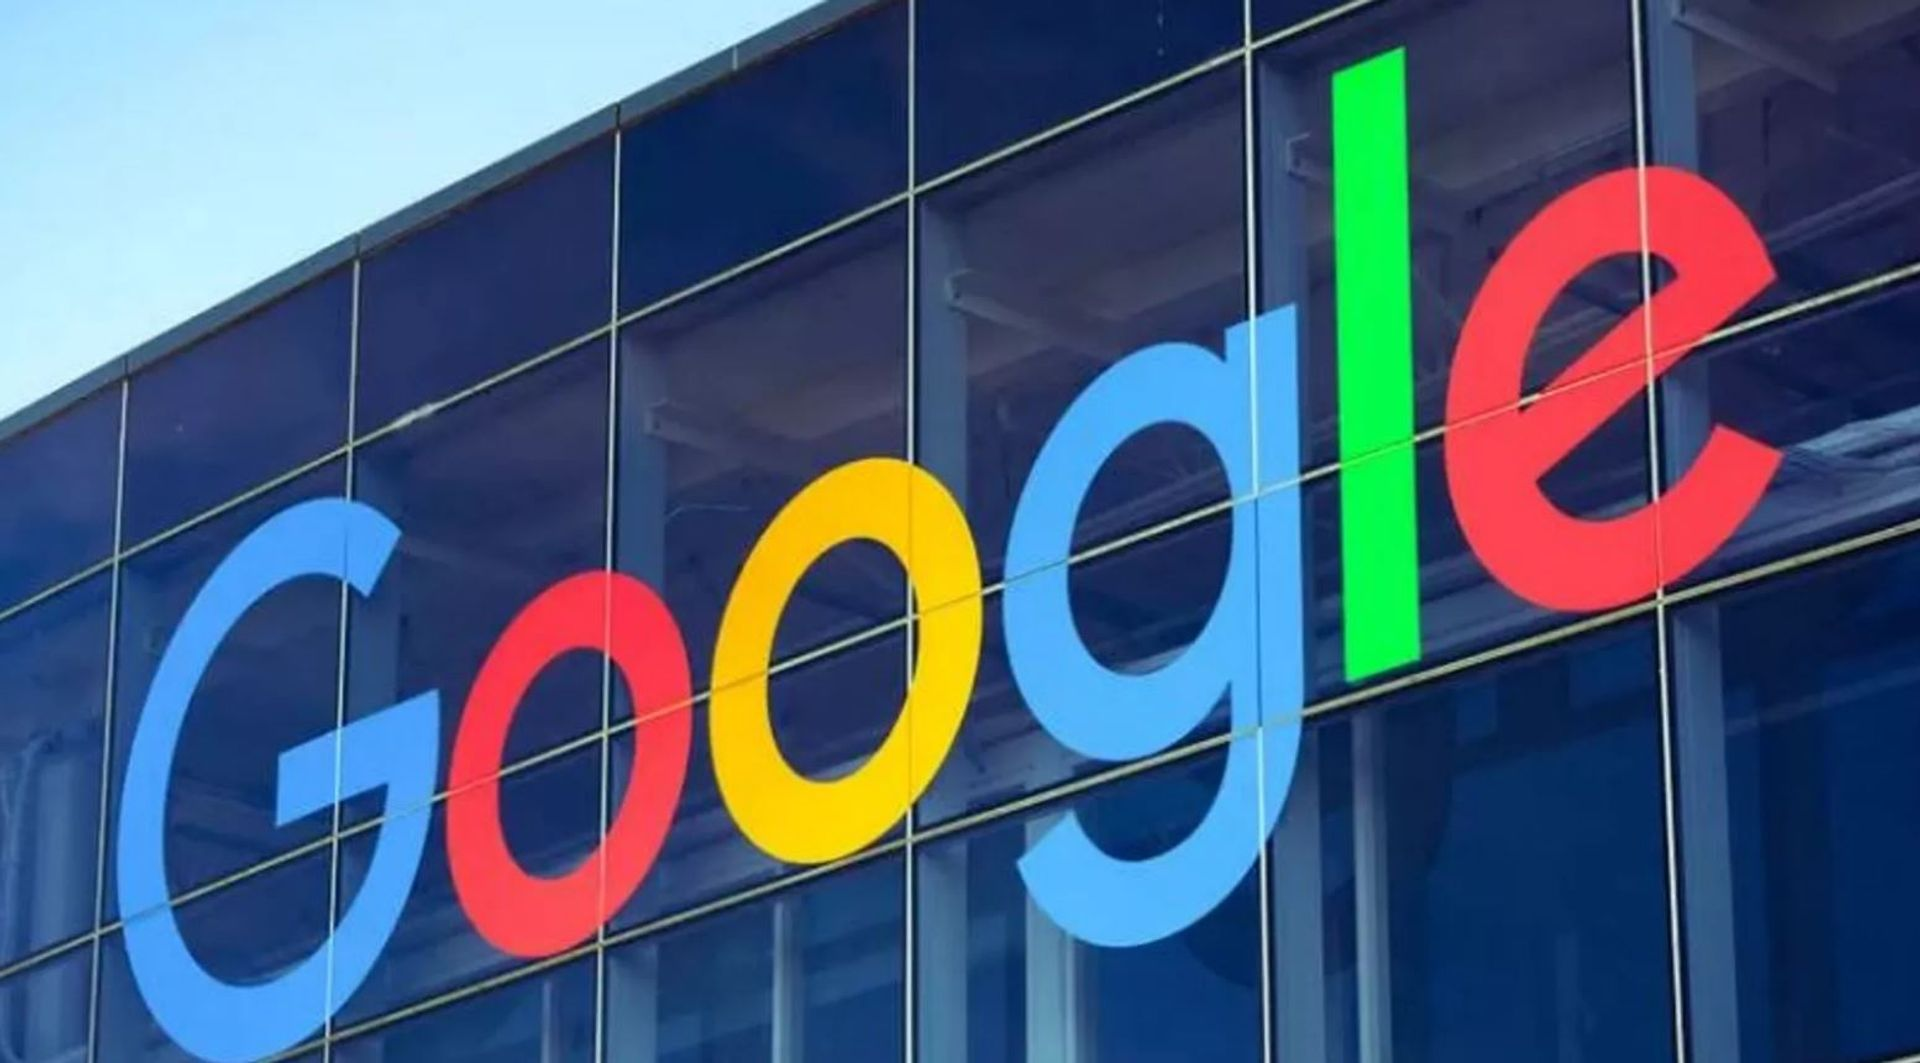 Google powiększa swoje biuro we Wrocławiu i zwiększa zatrudnienie